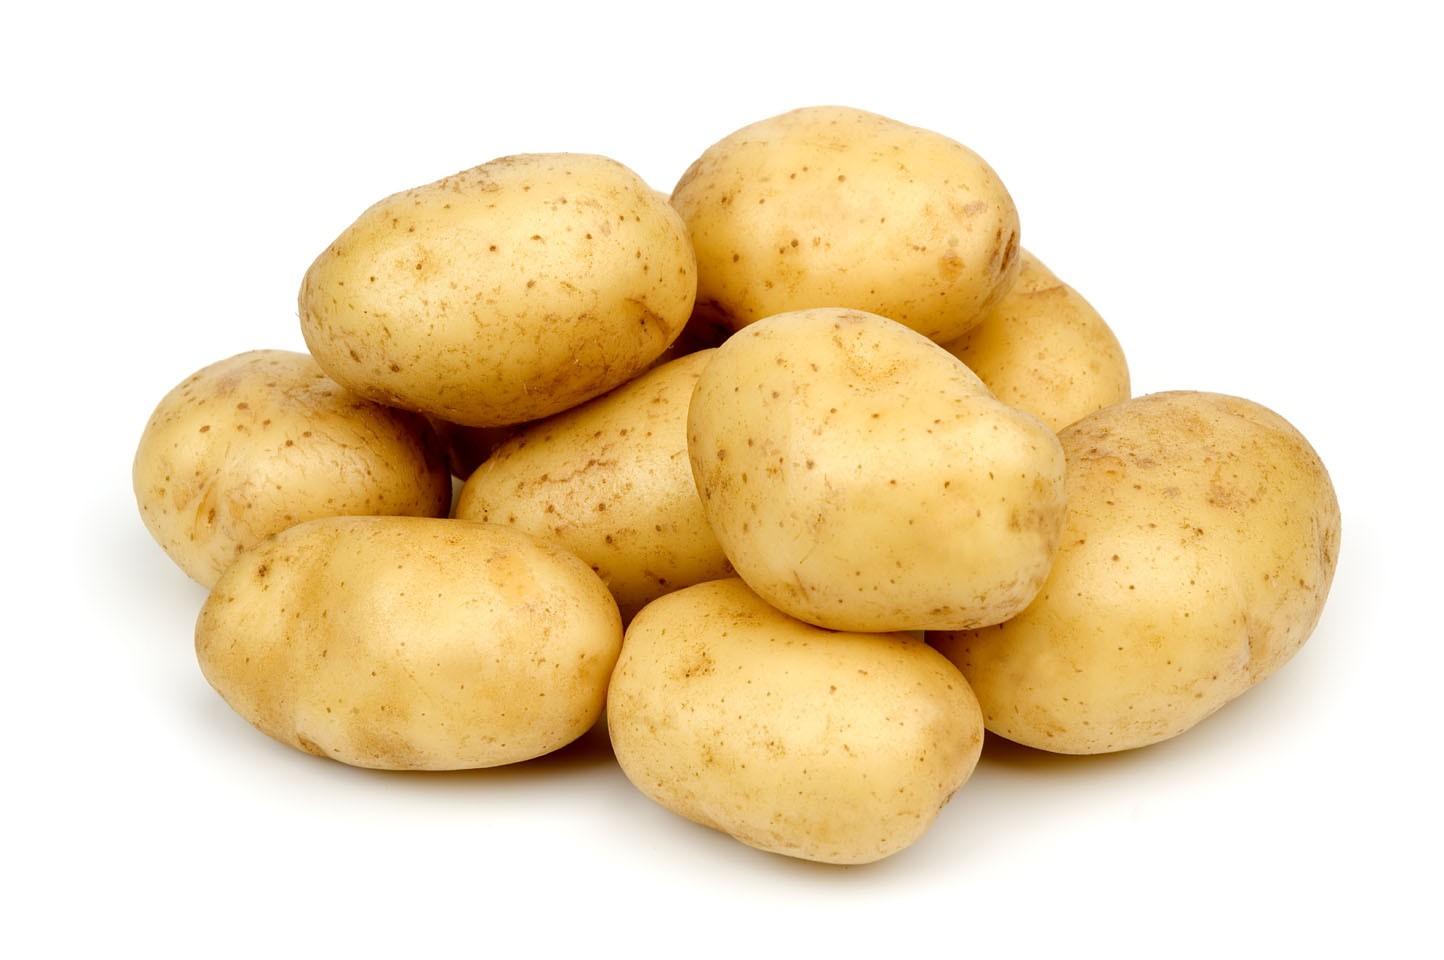 มันฝรั่ง potato